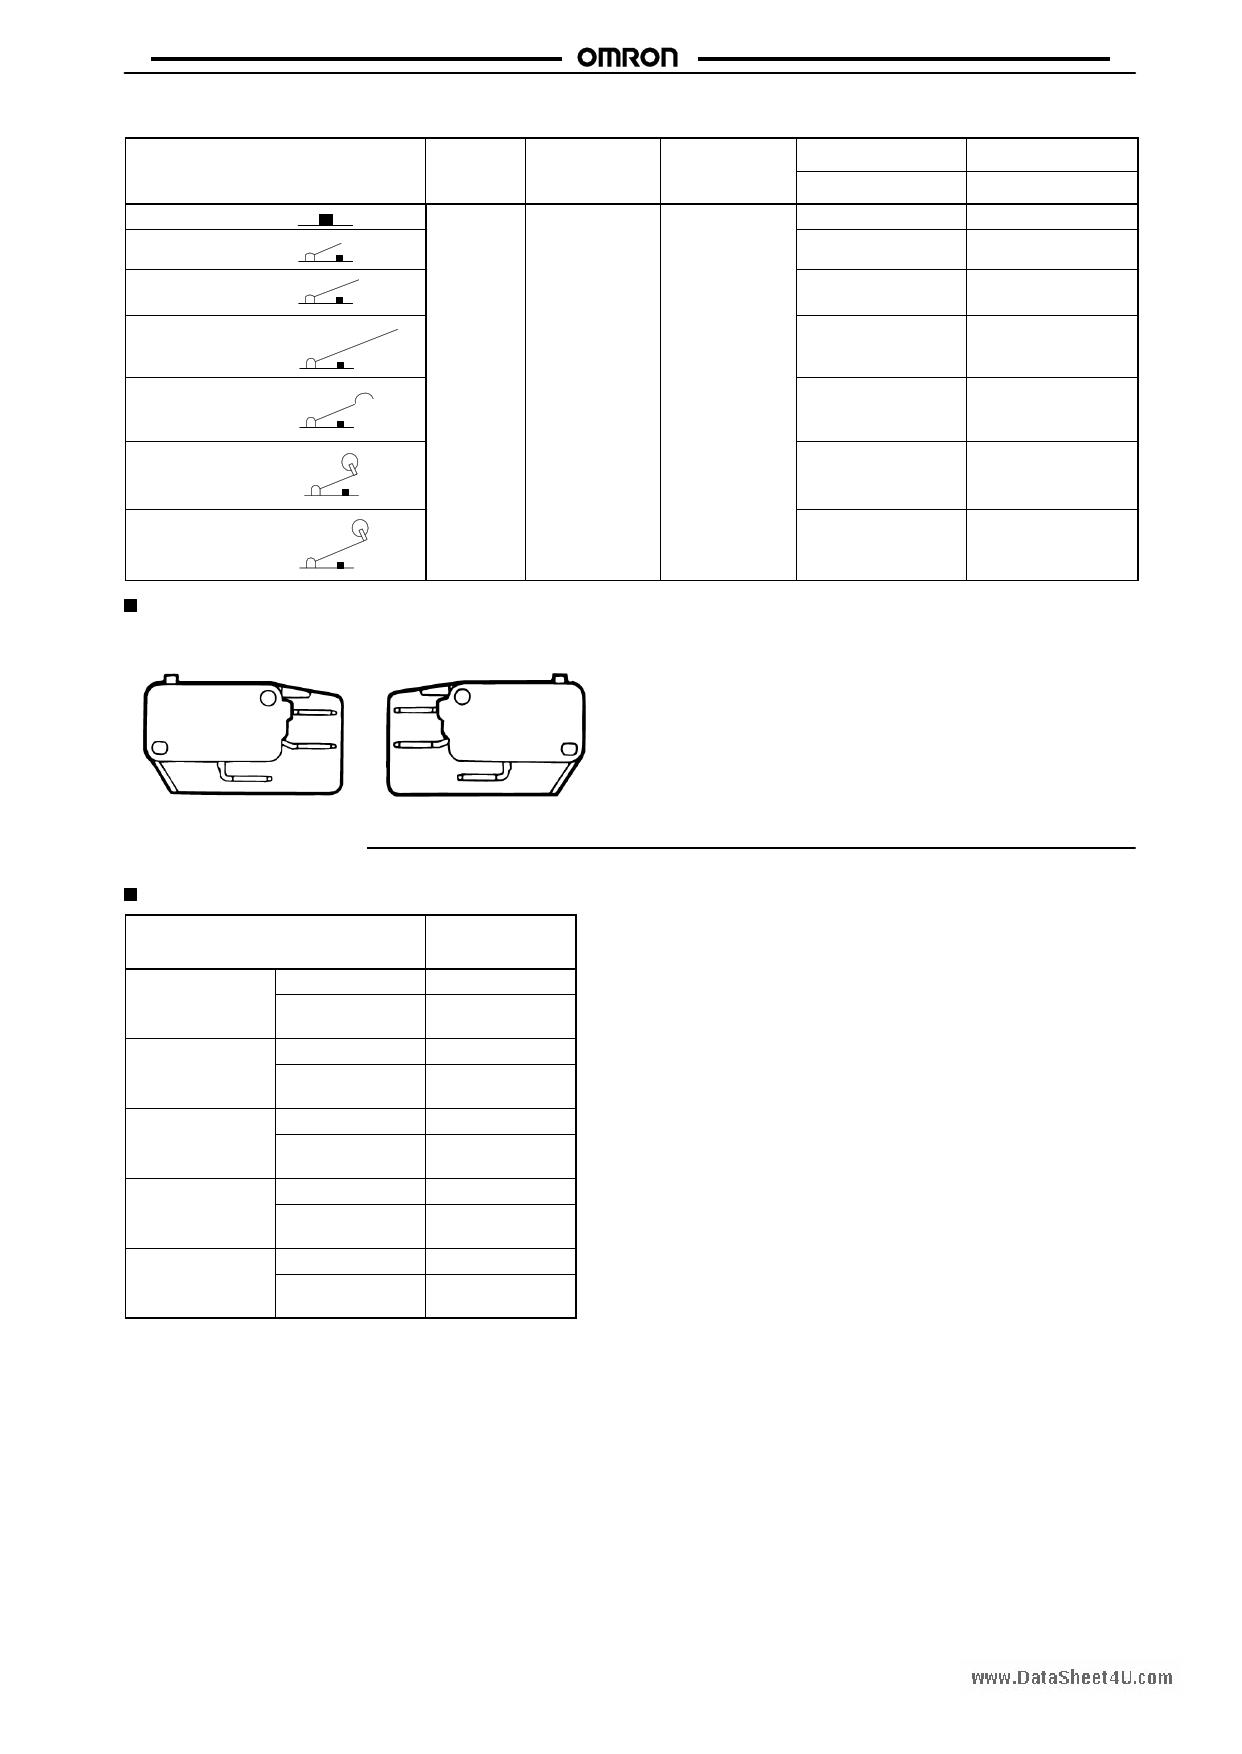 V-114-xxx Datasheet, Funktion